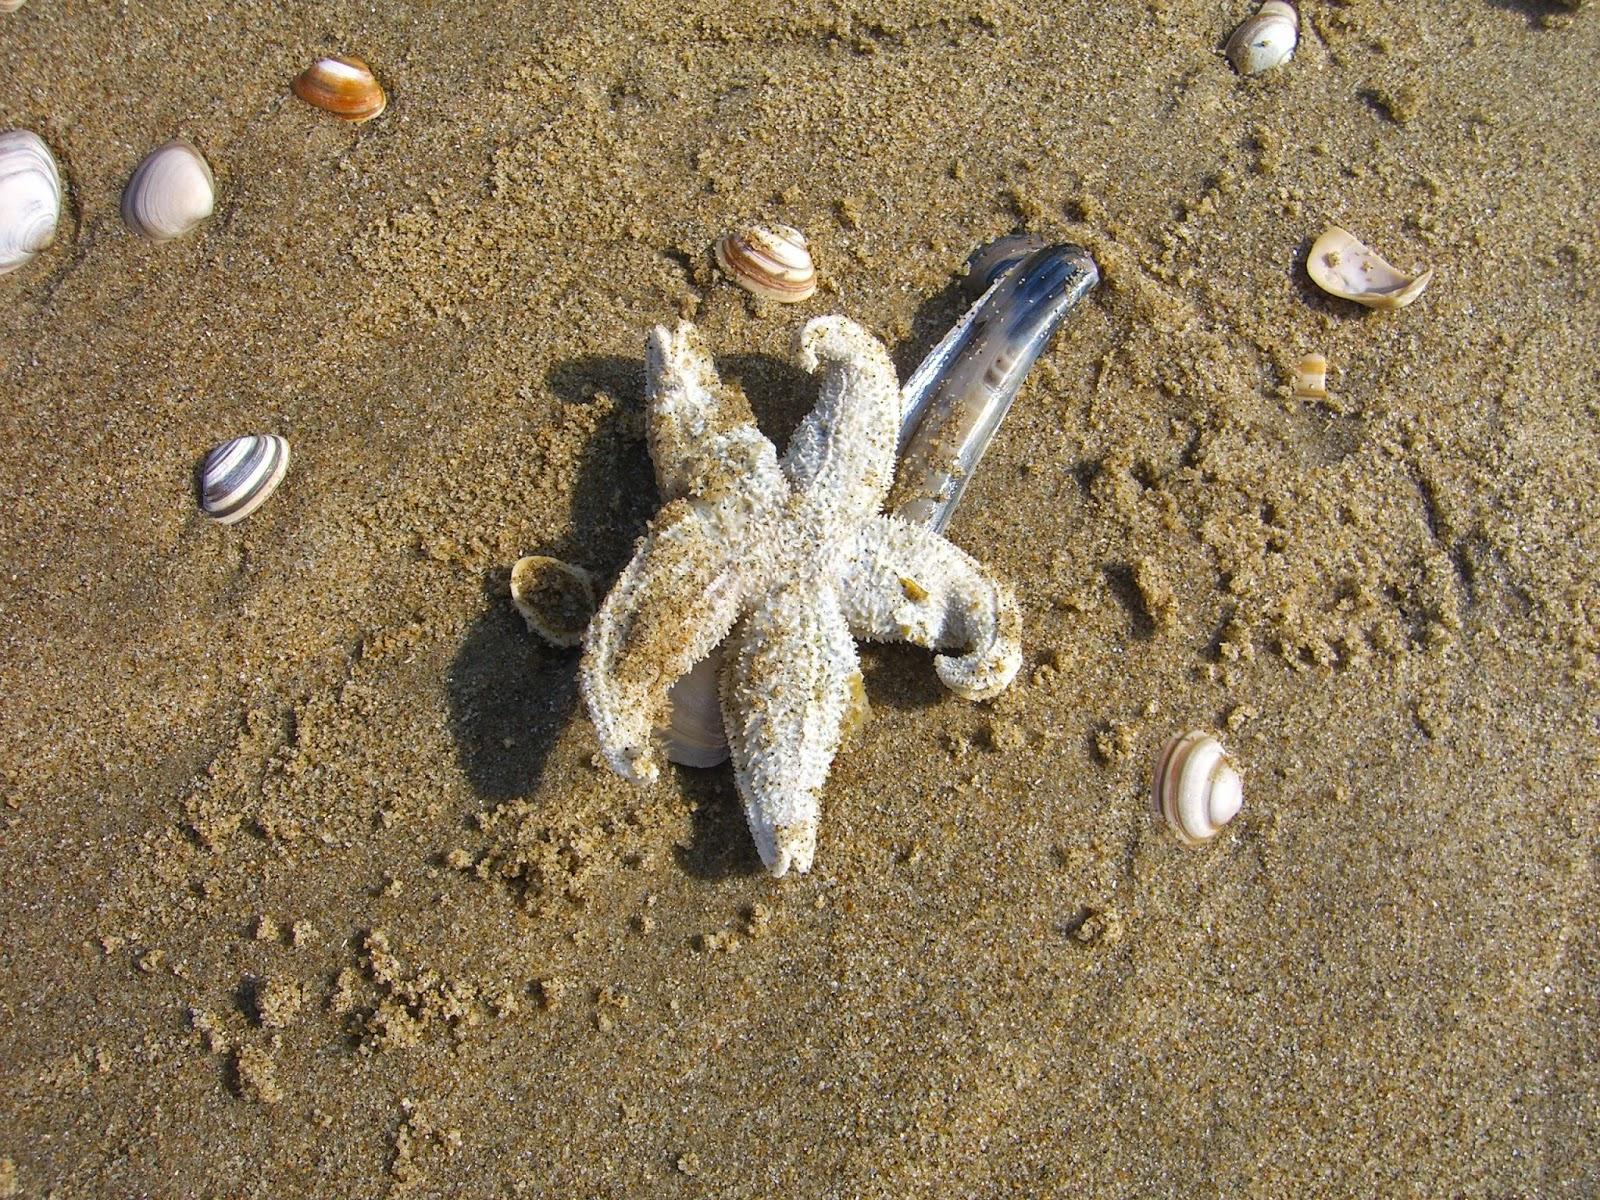 Zeester op het strand van Scheveningen met wat schelpen eromheen.